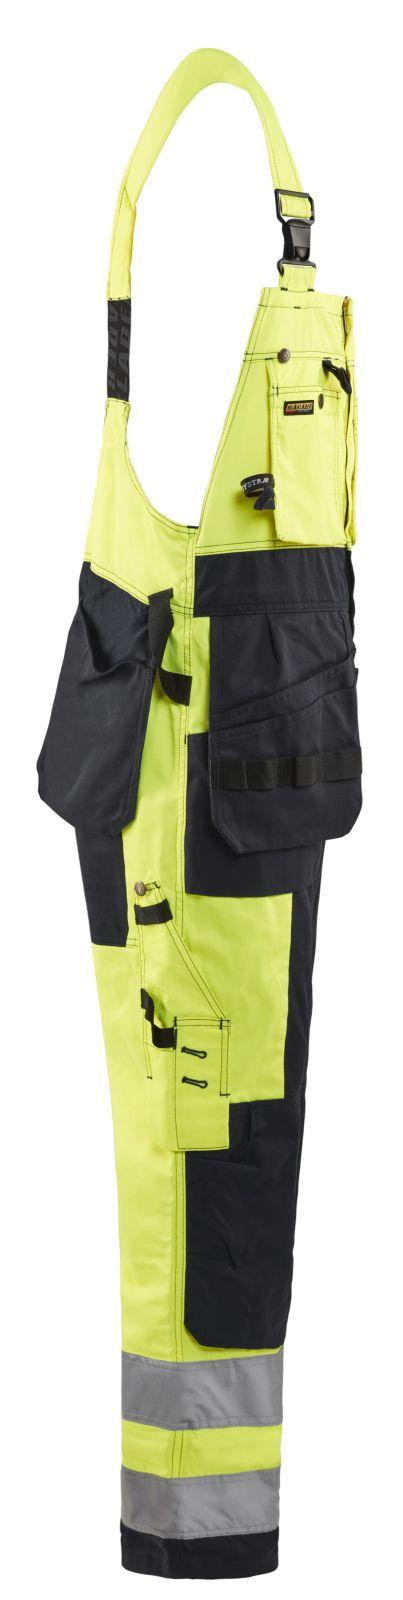 Blaklader Amerikaanse overalls 26031860 High Vis geel-zwart(3399)